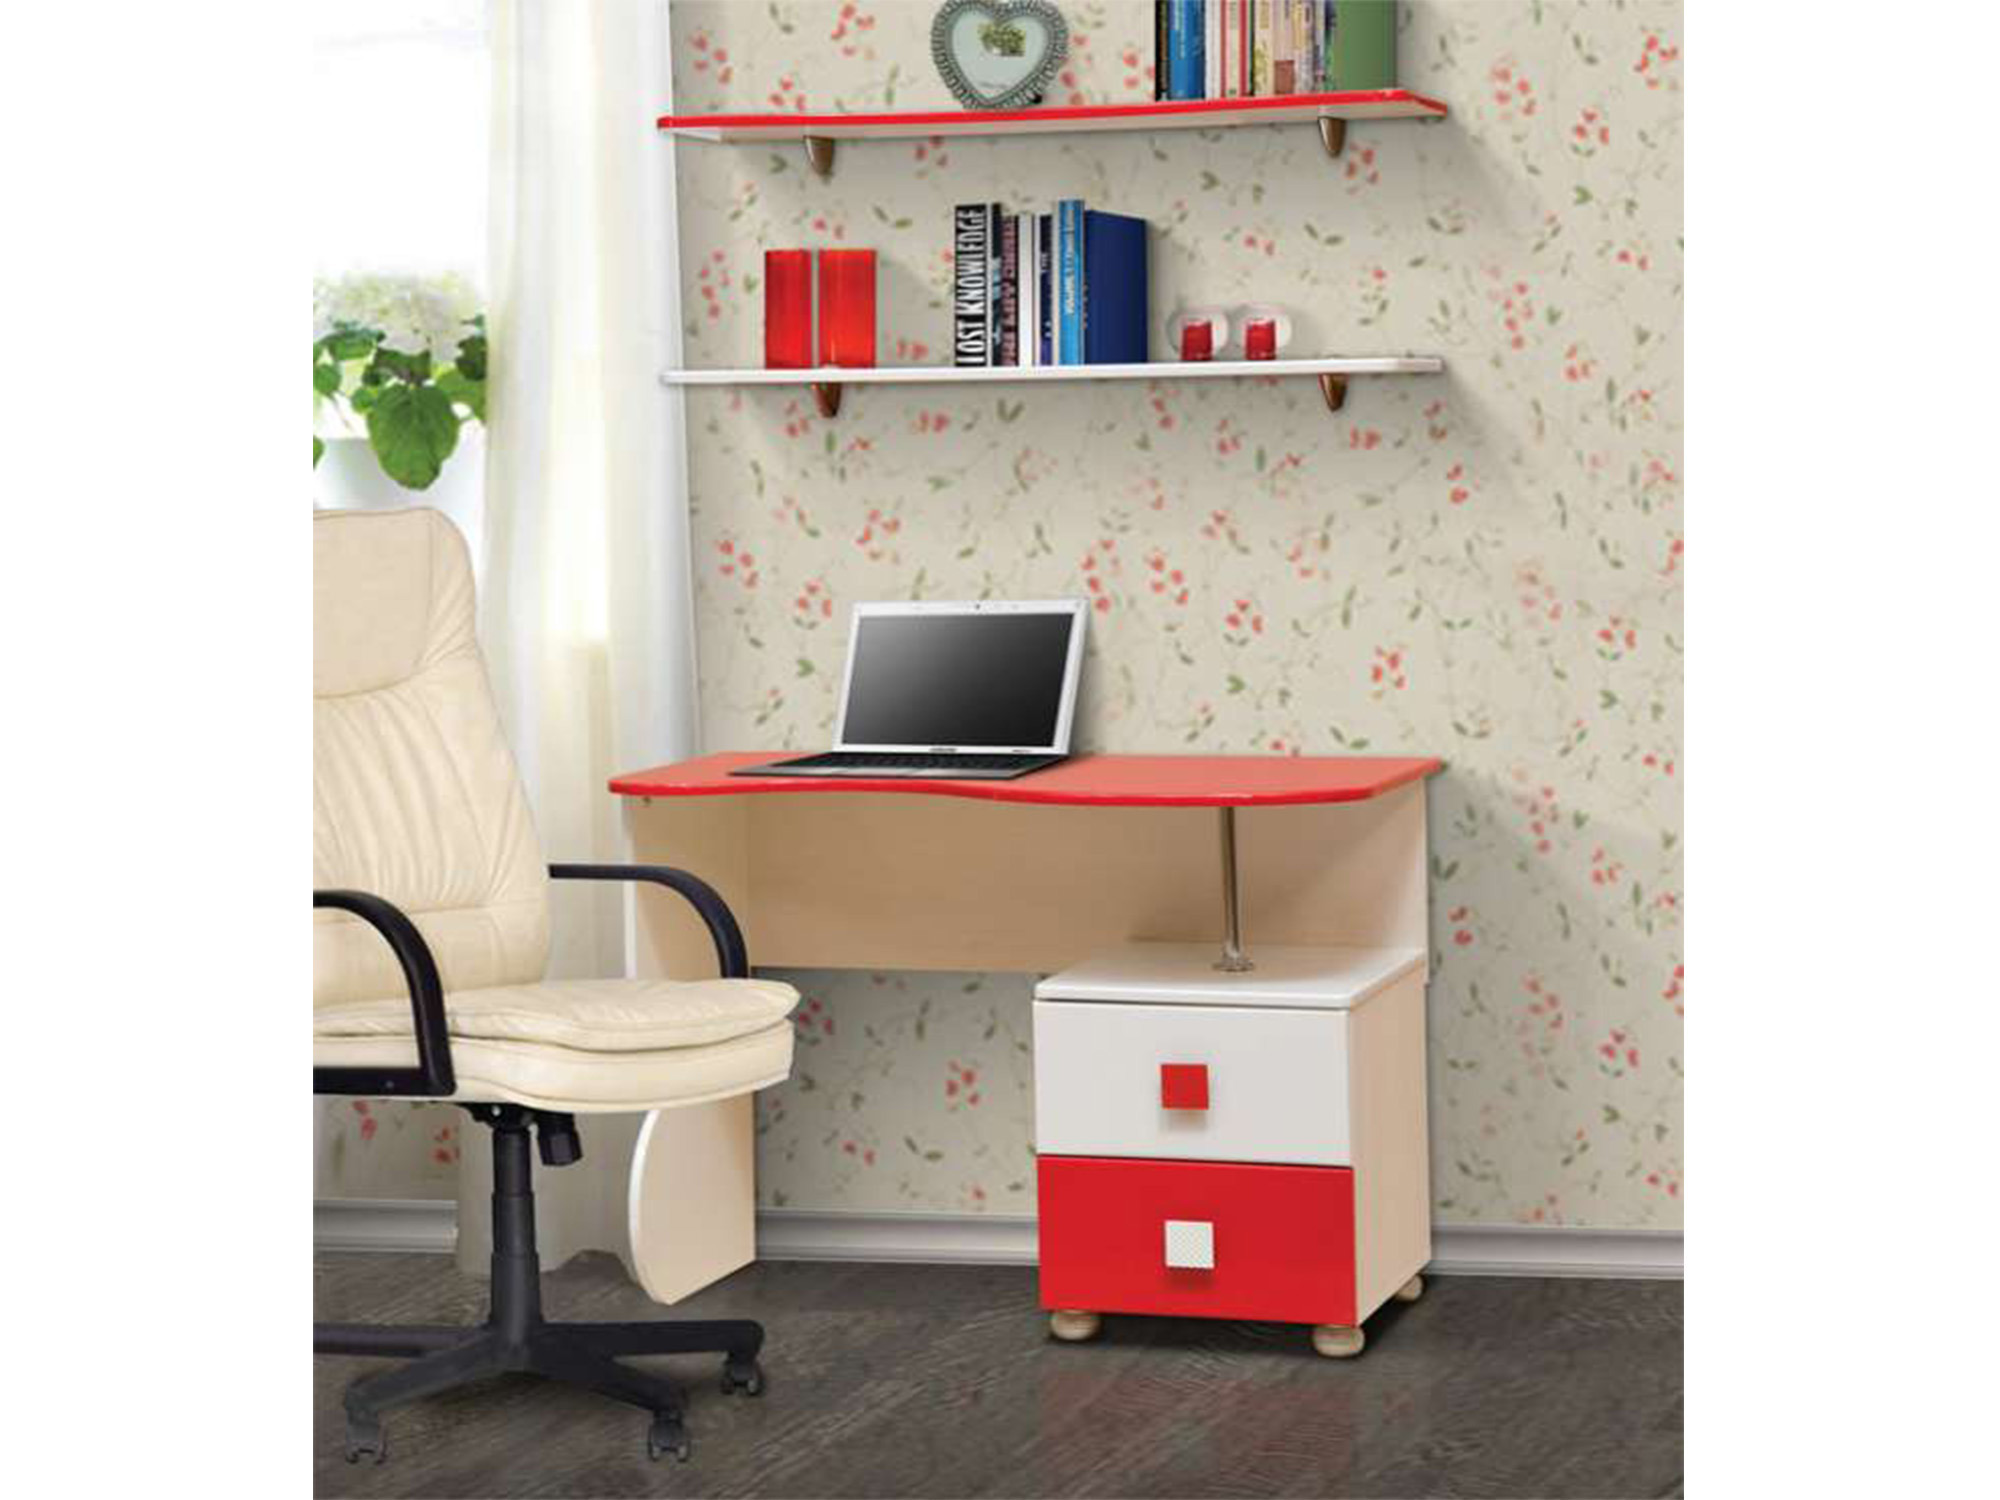 Стол письменный с полками Кокетка-2Письменные столы<br><br><br>Длина мм: 1000<br>Высота мм: 750<br>Глубина мм: 550